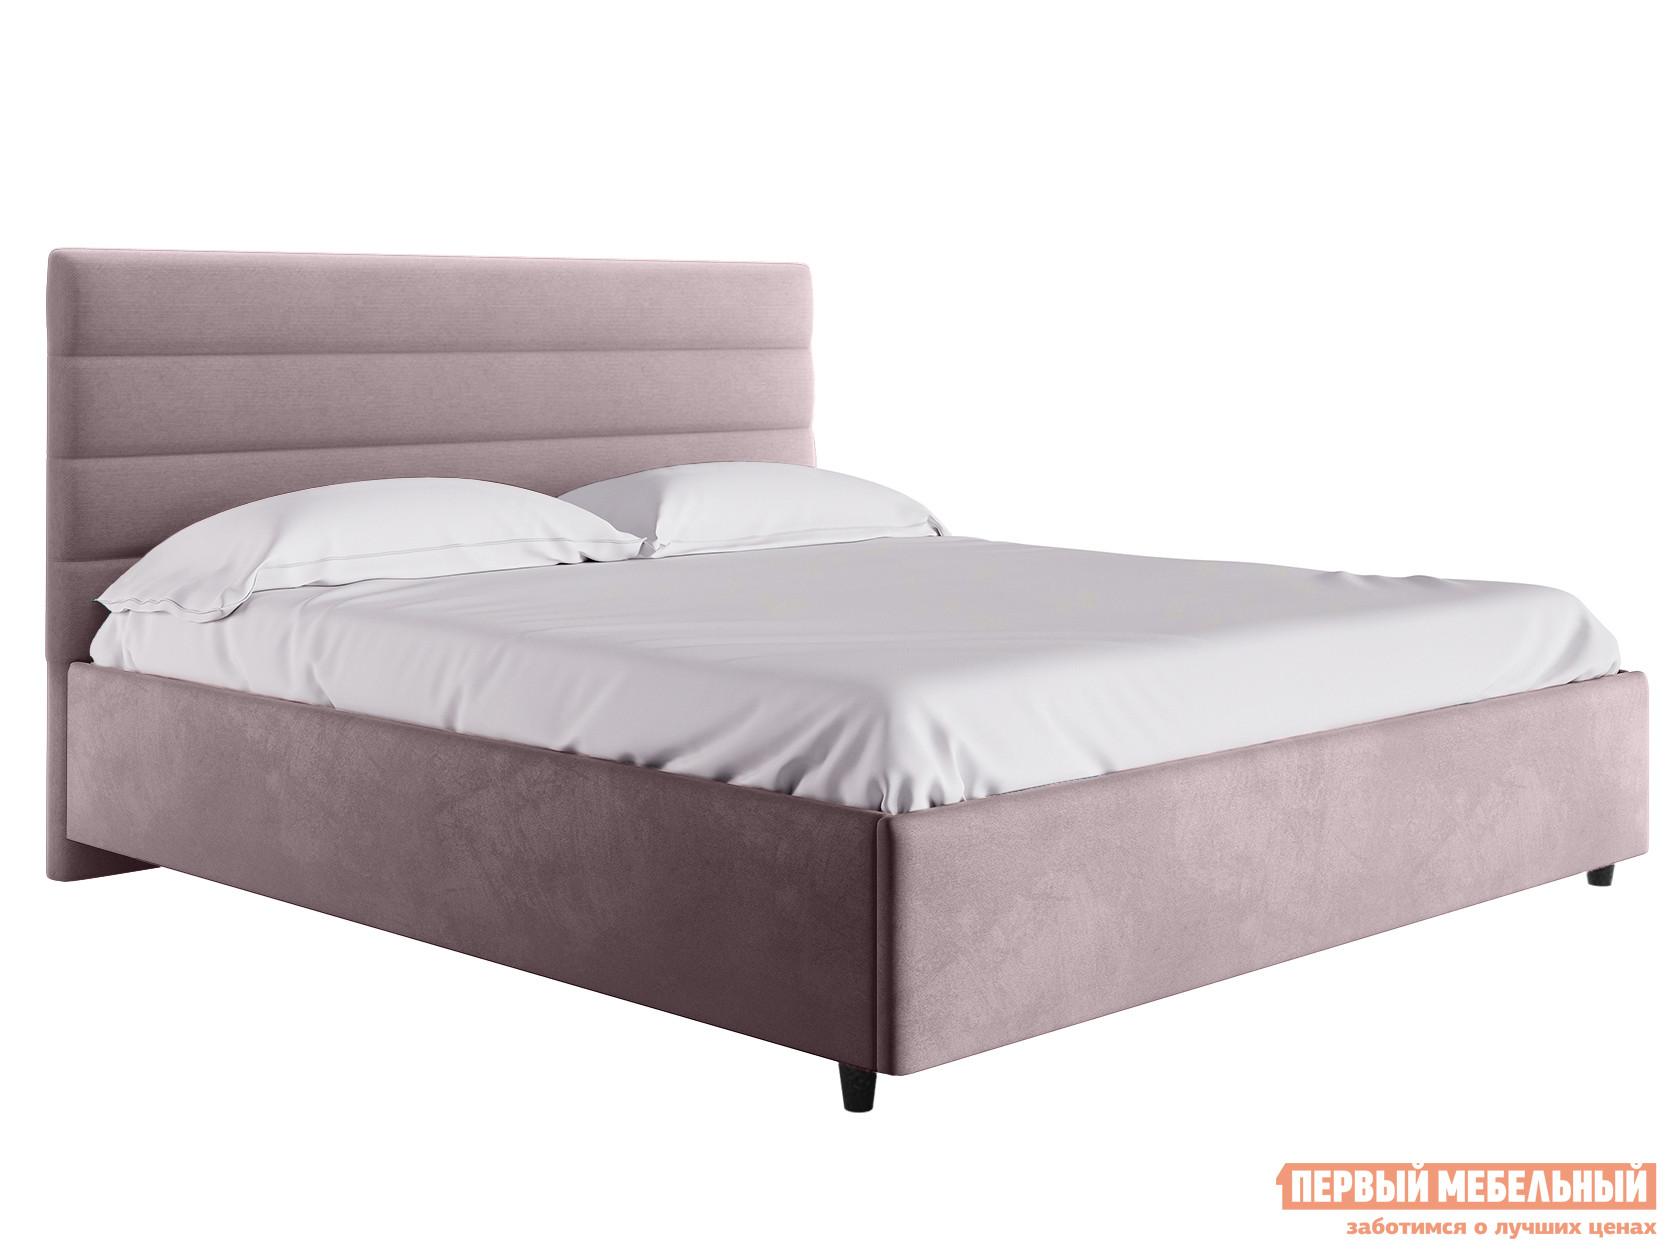 Двуспальная кровать  Кровать с подъемным механизмом Франческа ПМ Розовый, велюр, 1600 Х 2000 мм